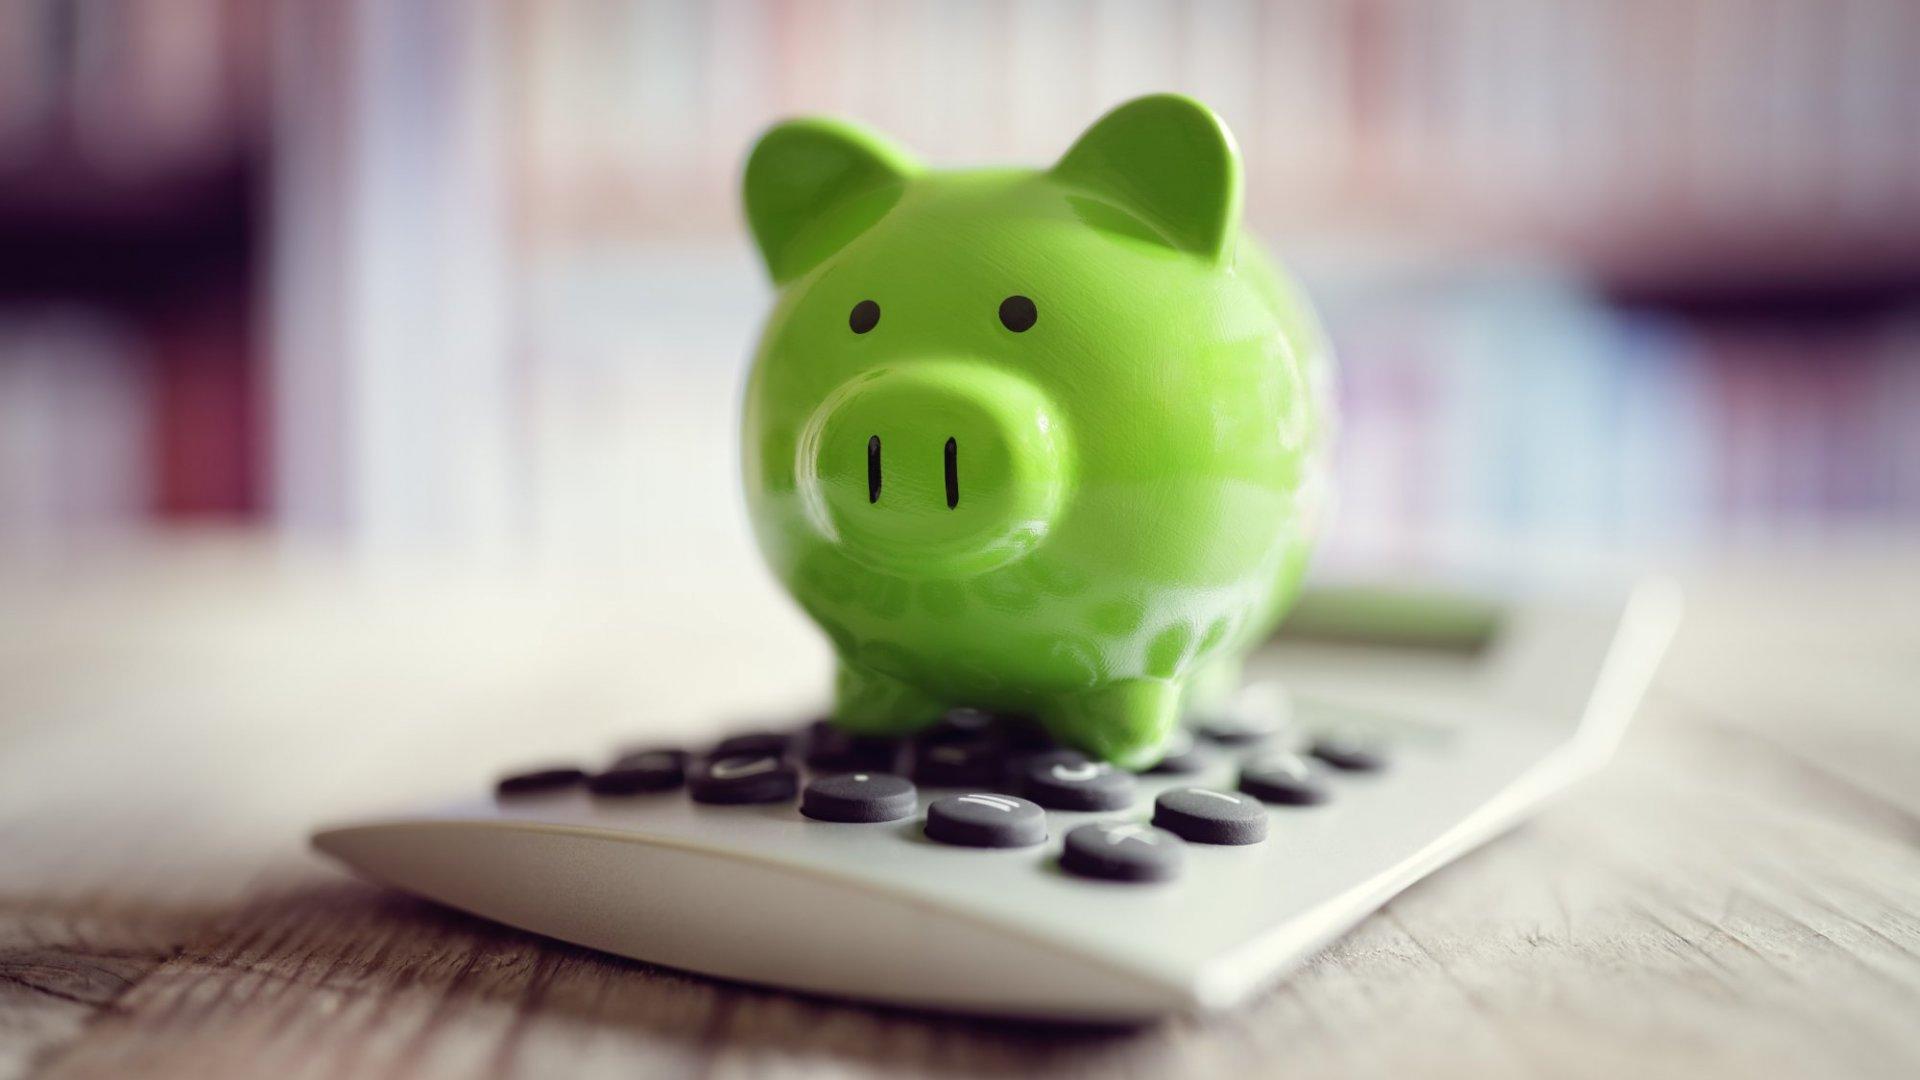 7 Ways to Make More Money When Finances Get Tight